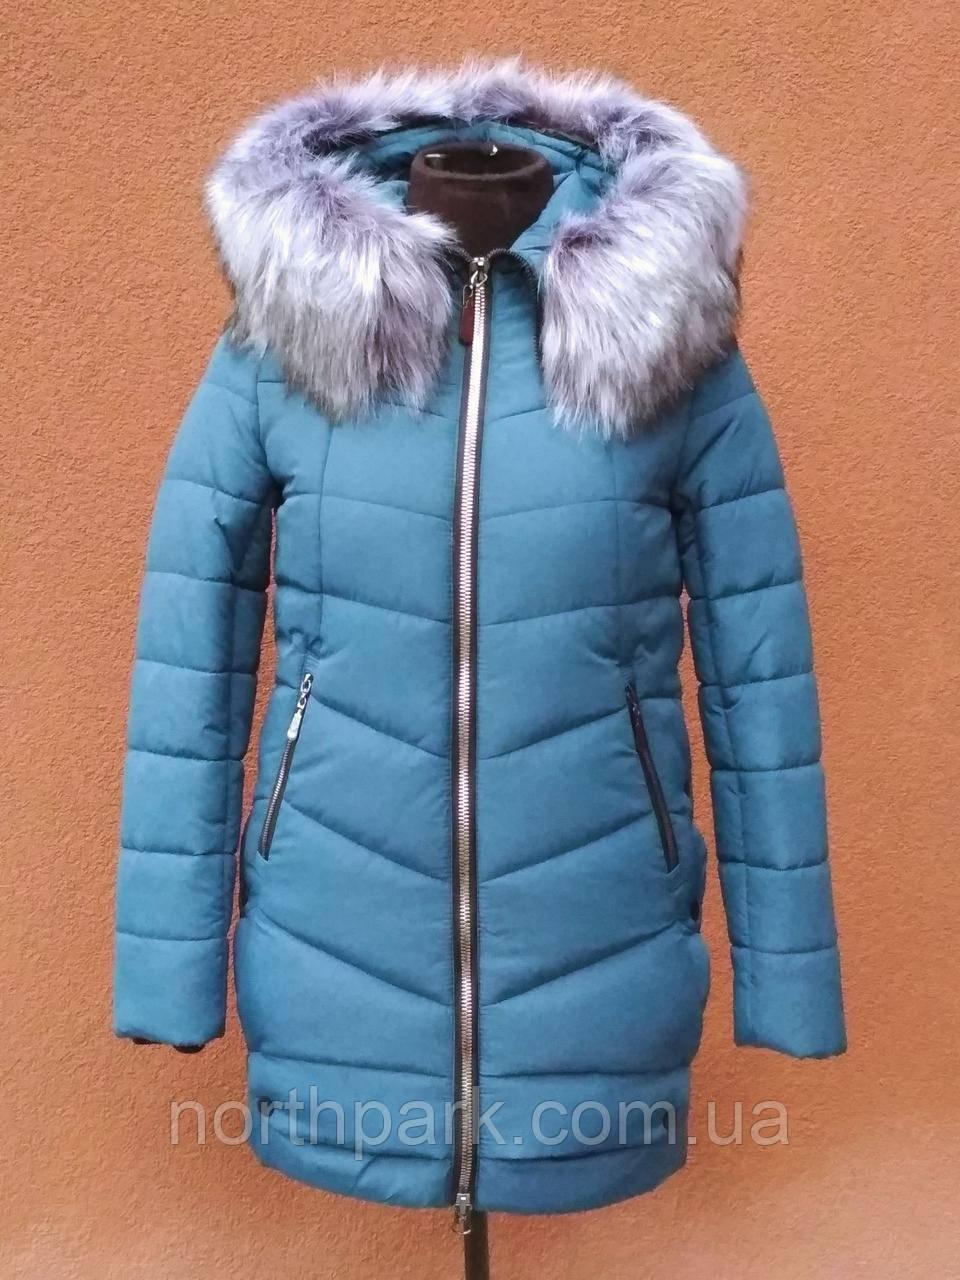 Довга зимова куртка VS Z-148, темно-голуба